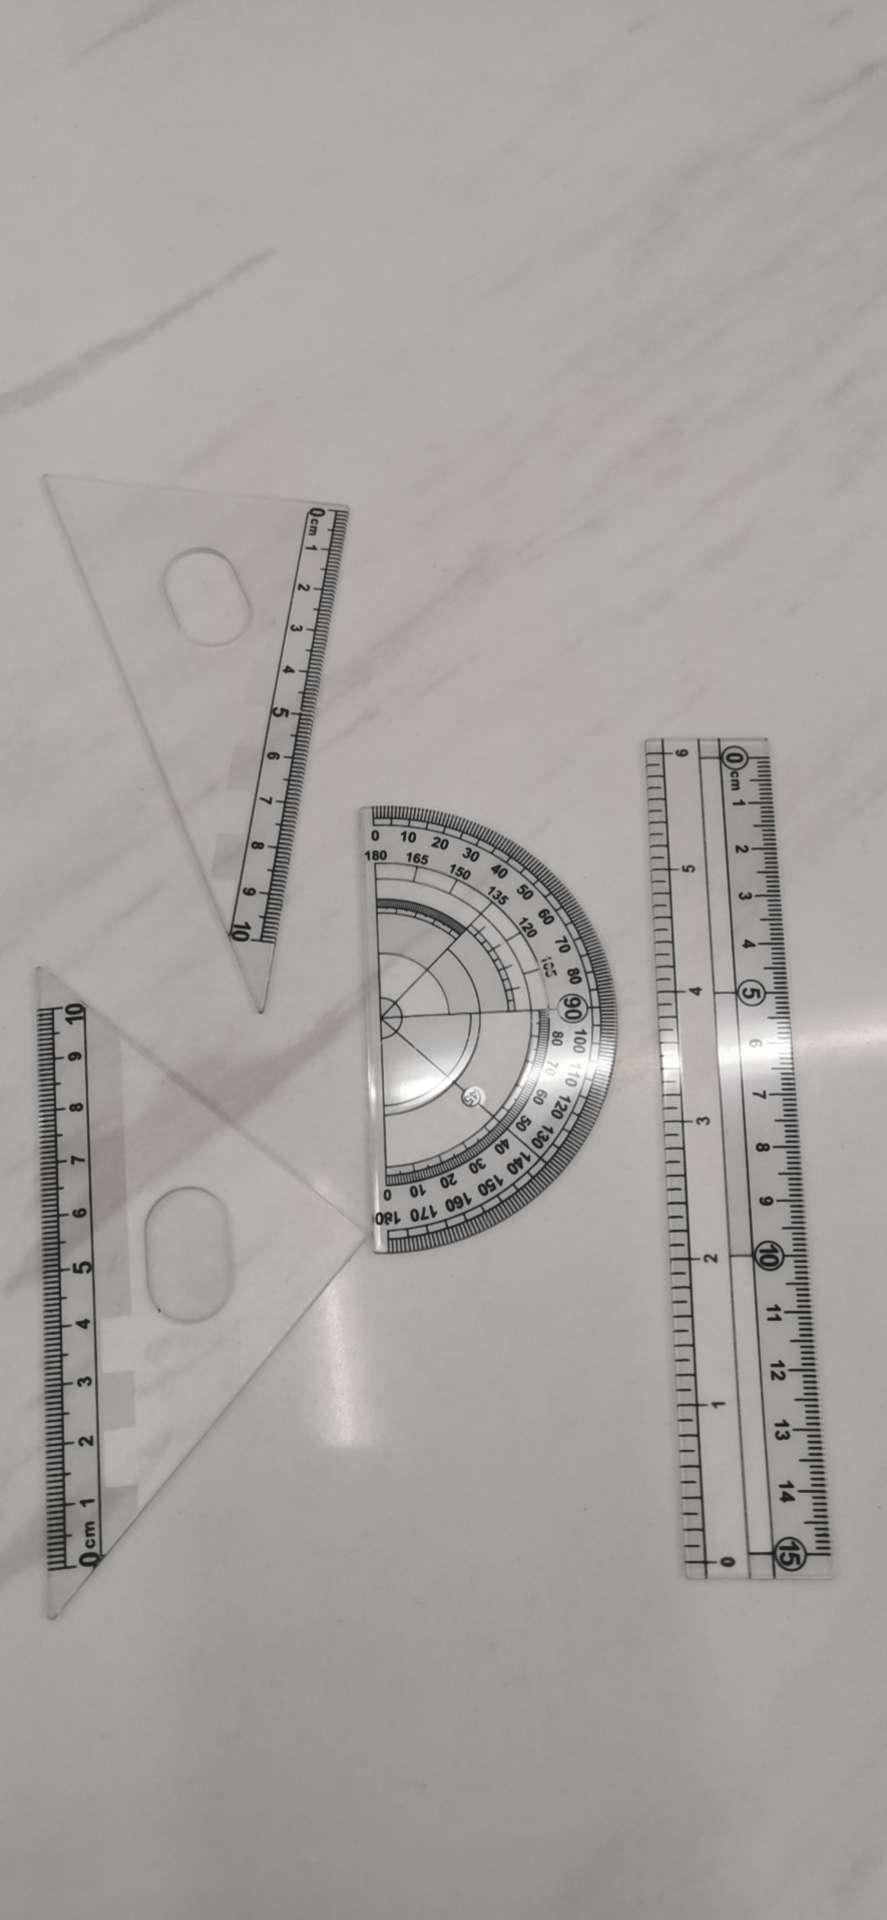 4件套组合文具用品尺子绘图尺子三角板量角器尺子塑料尺